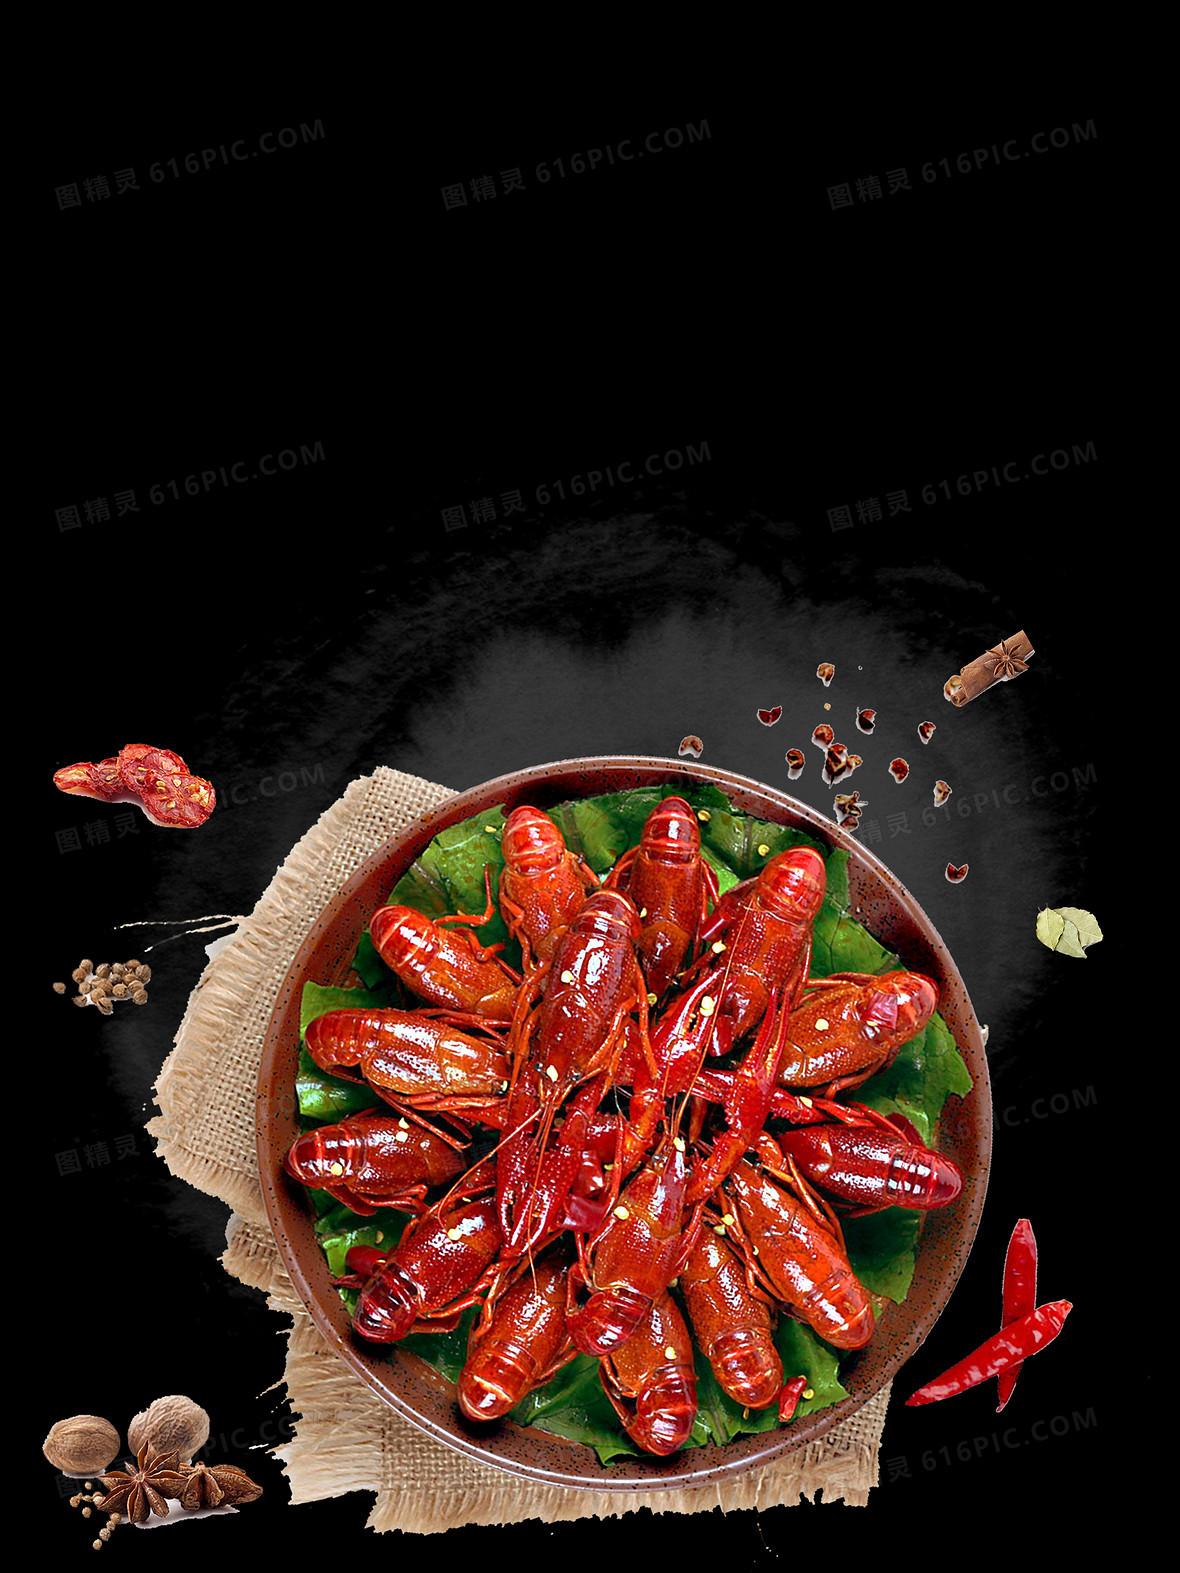 黑色简约龙虾美食海报背景素材